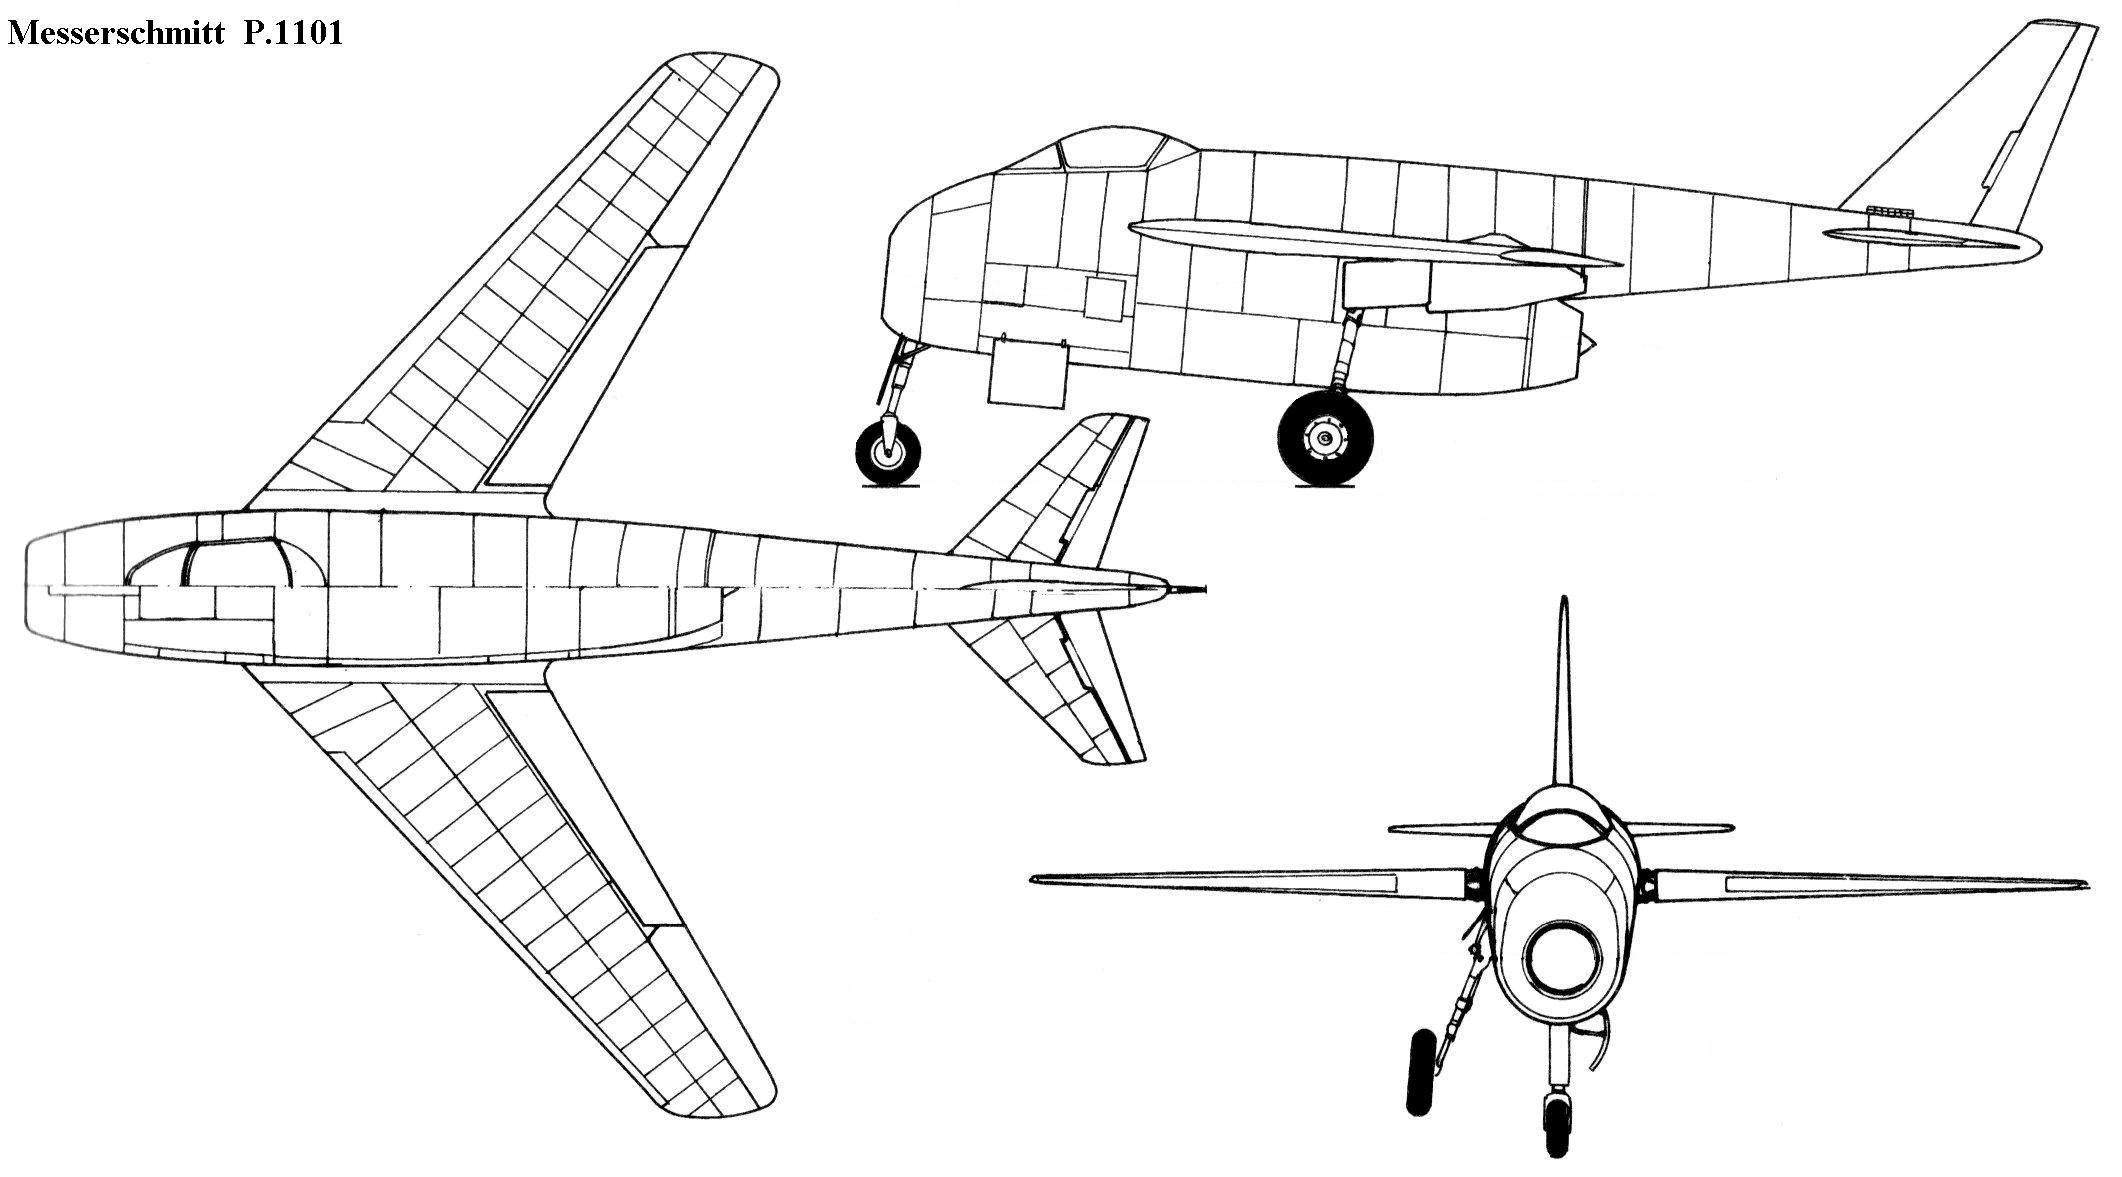 File Messerschmitt P